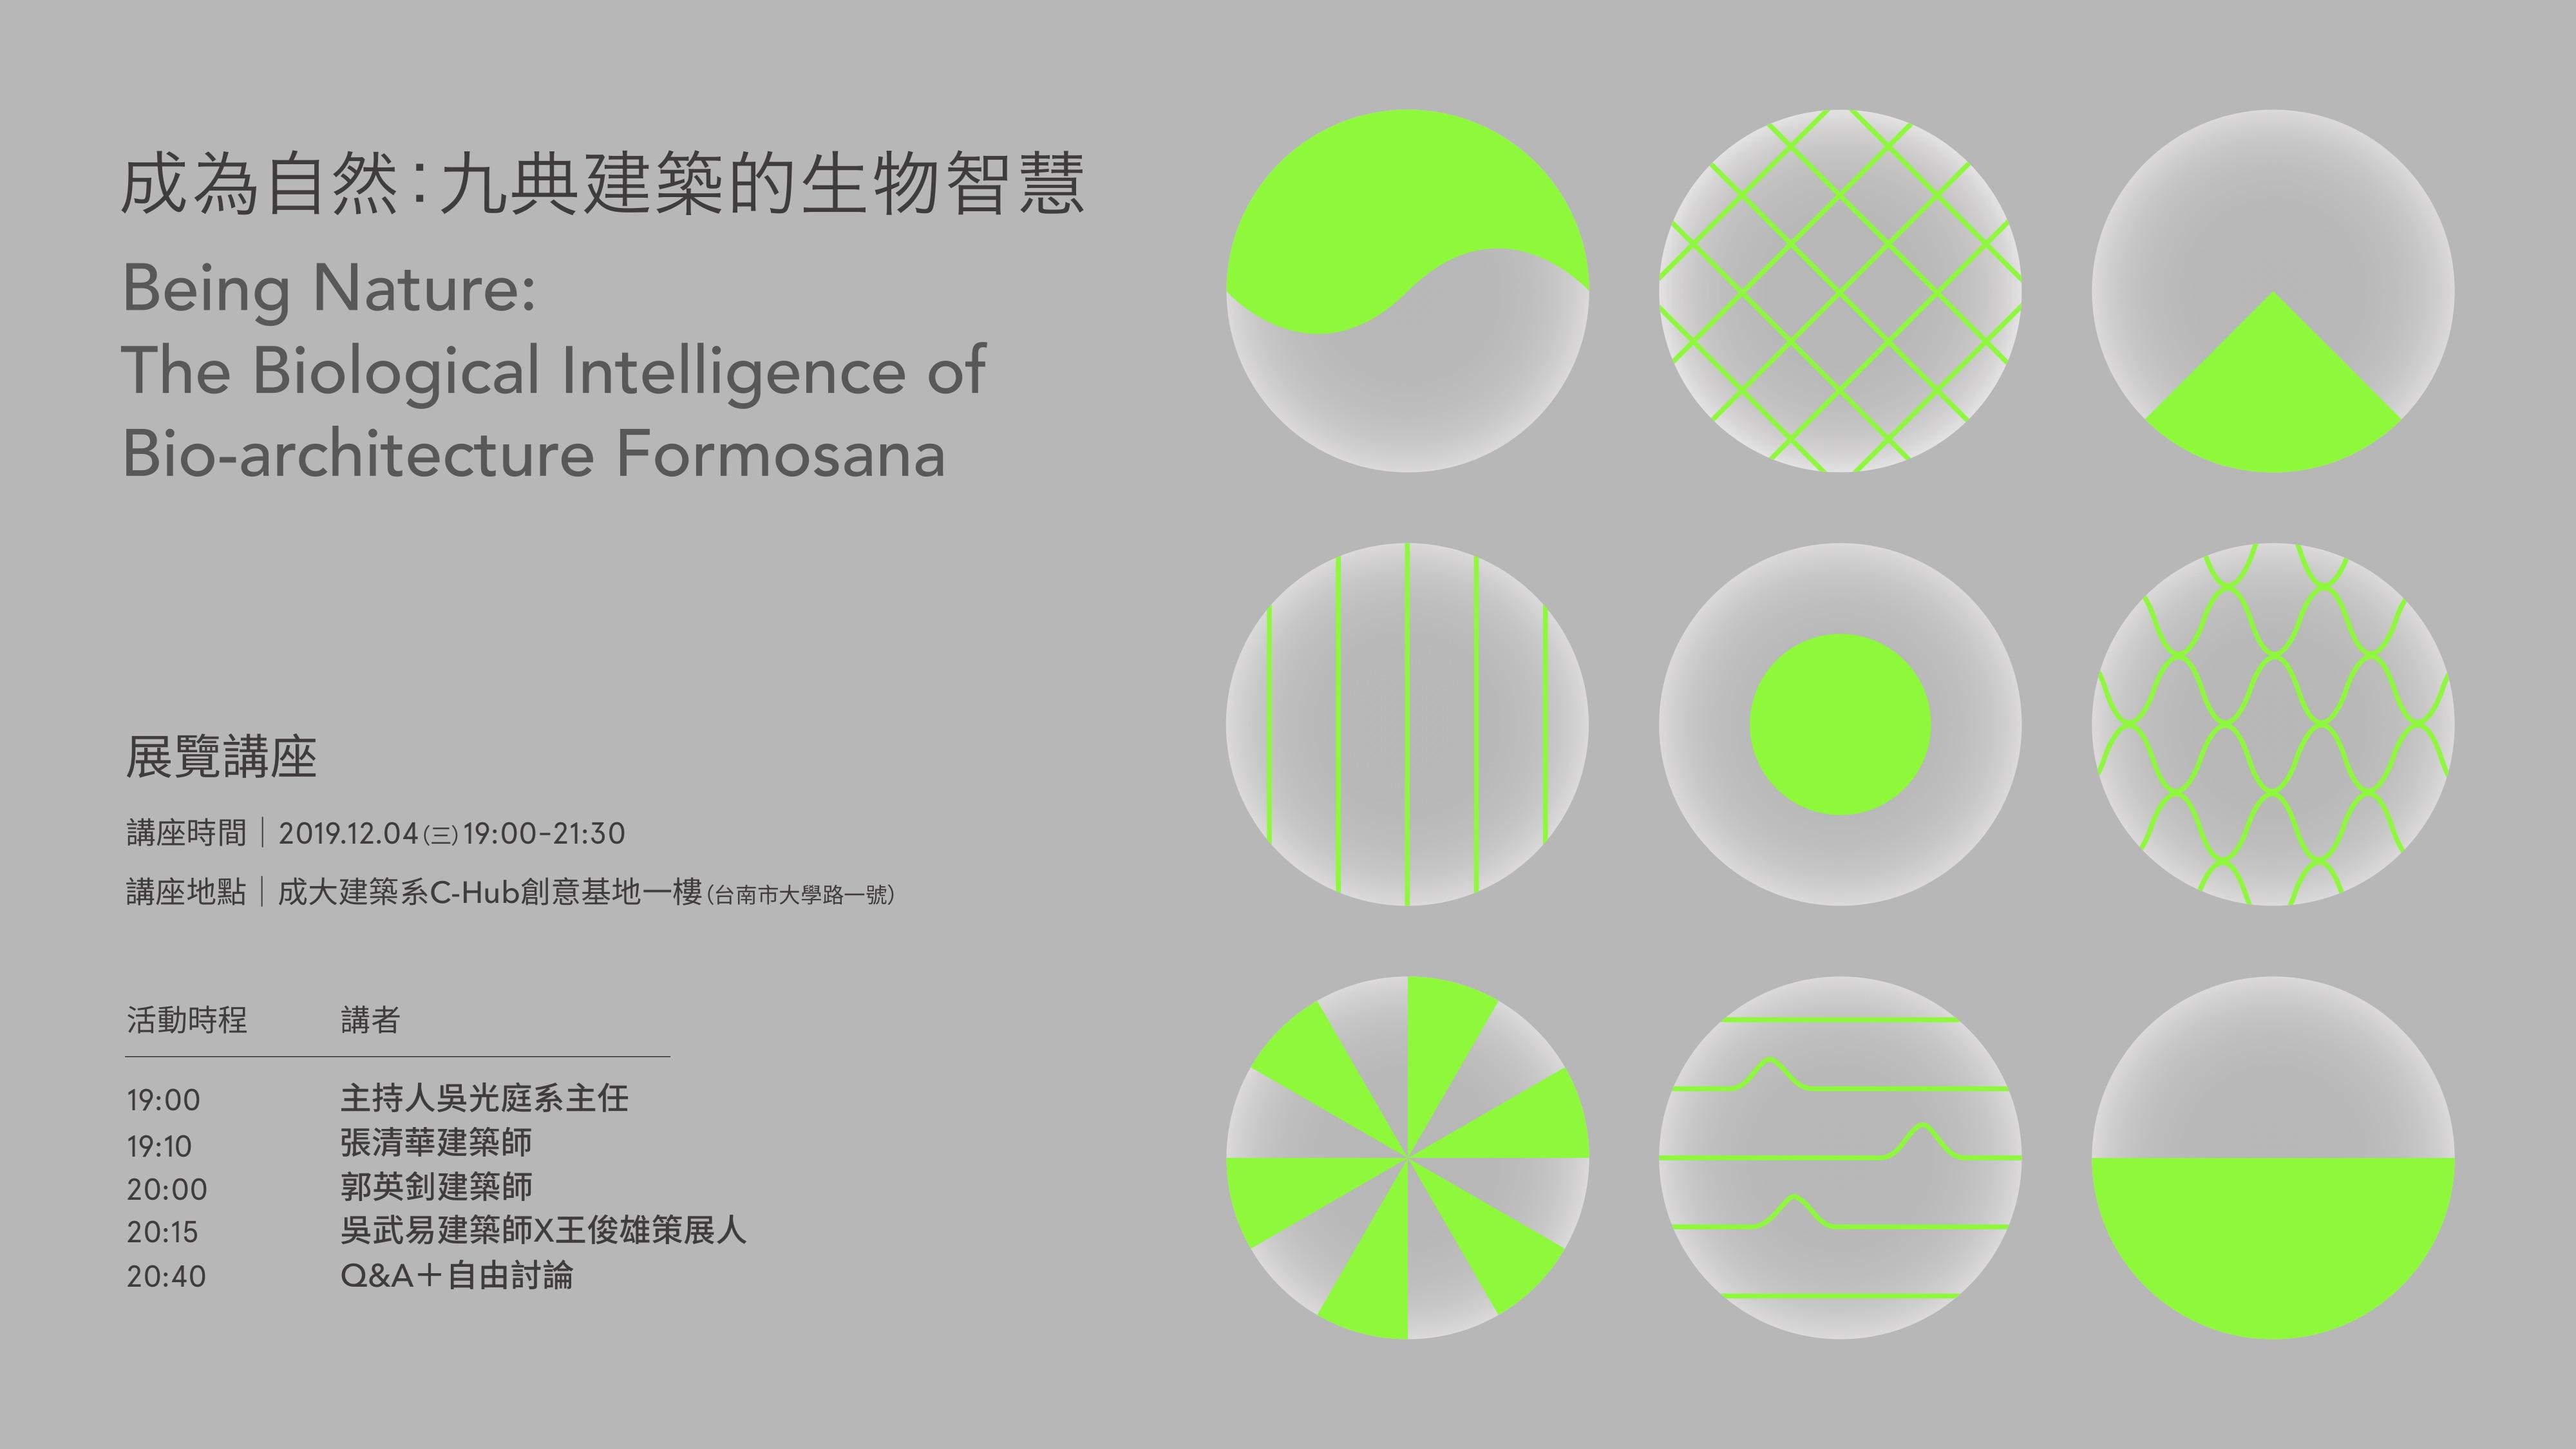 成為自然:九典建築的生物智慧-展覽講座